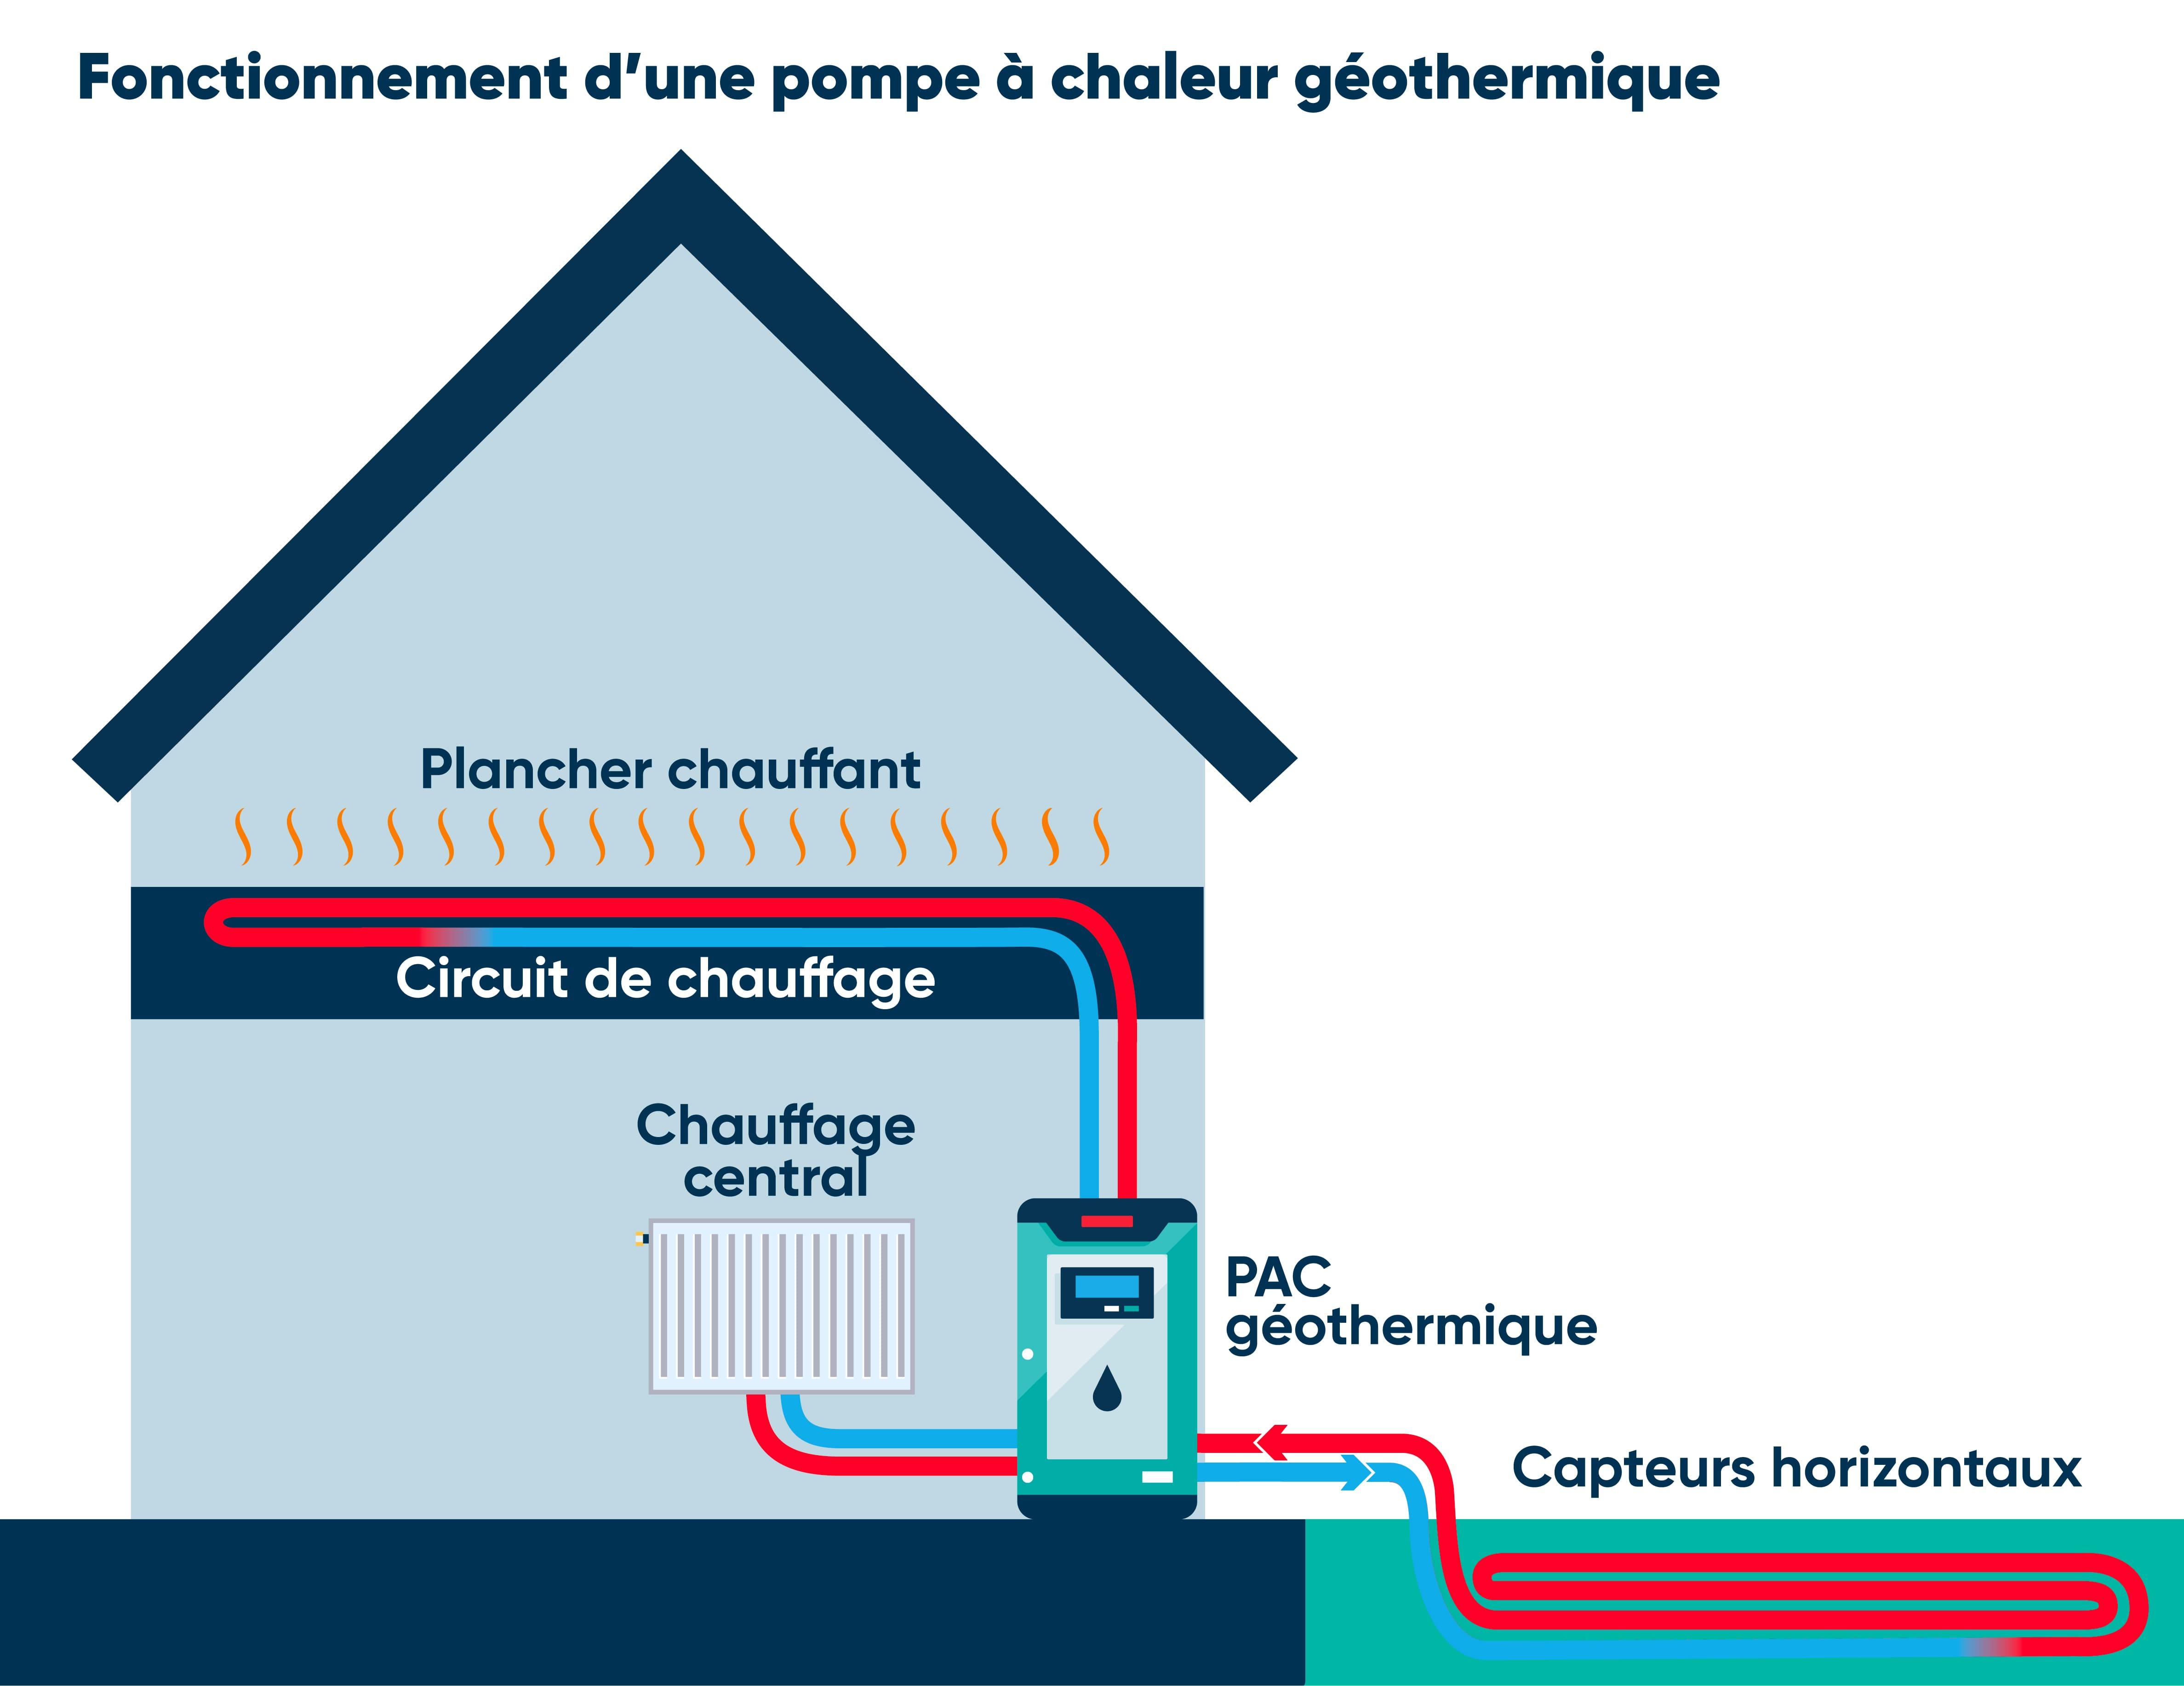 fonctionnement-pompe-a-chaleur-geothermique